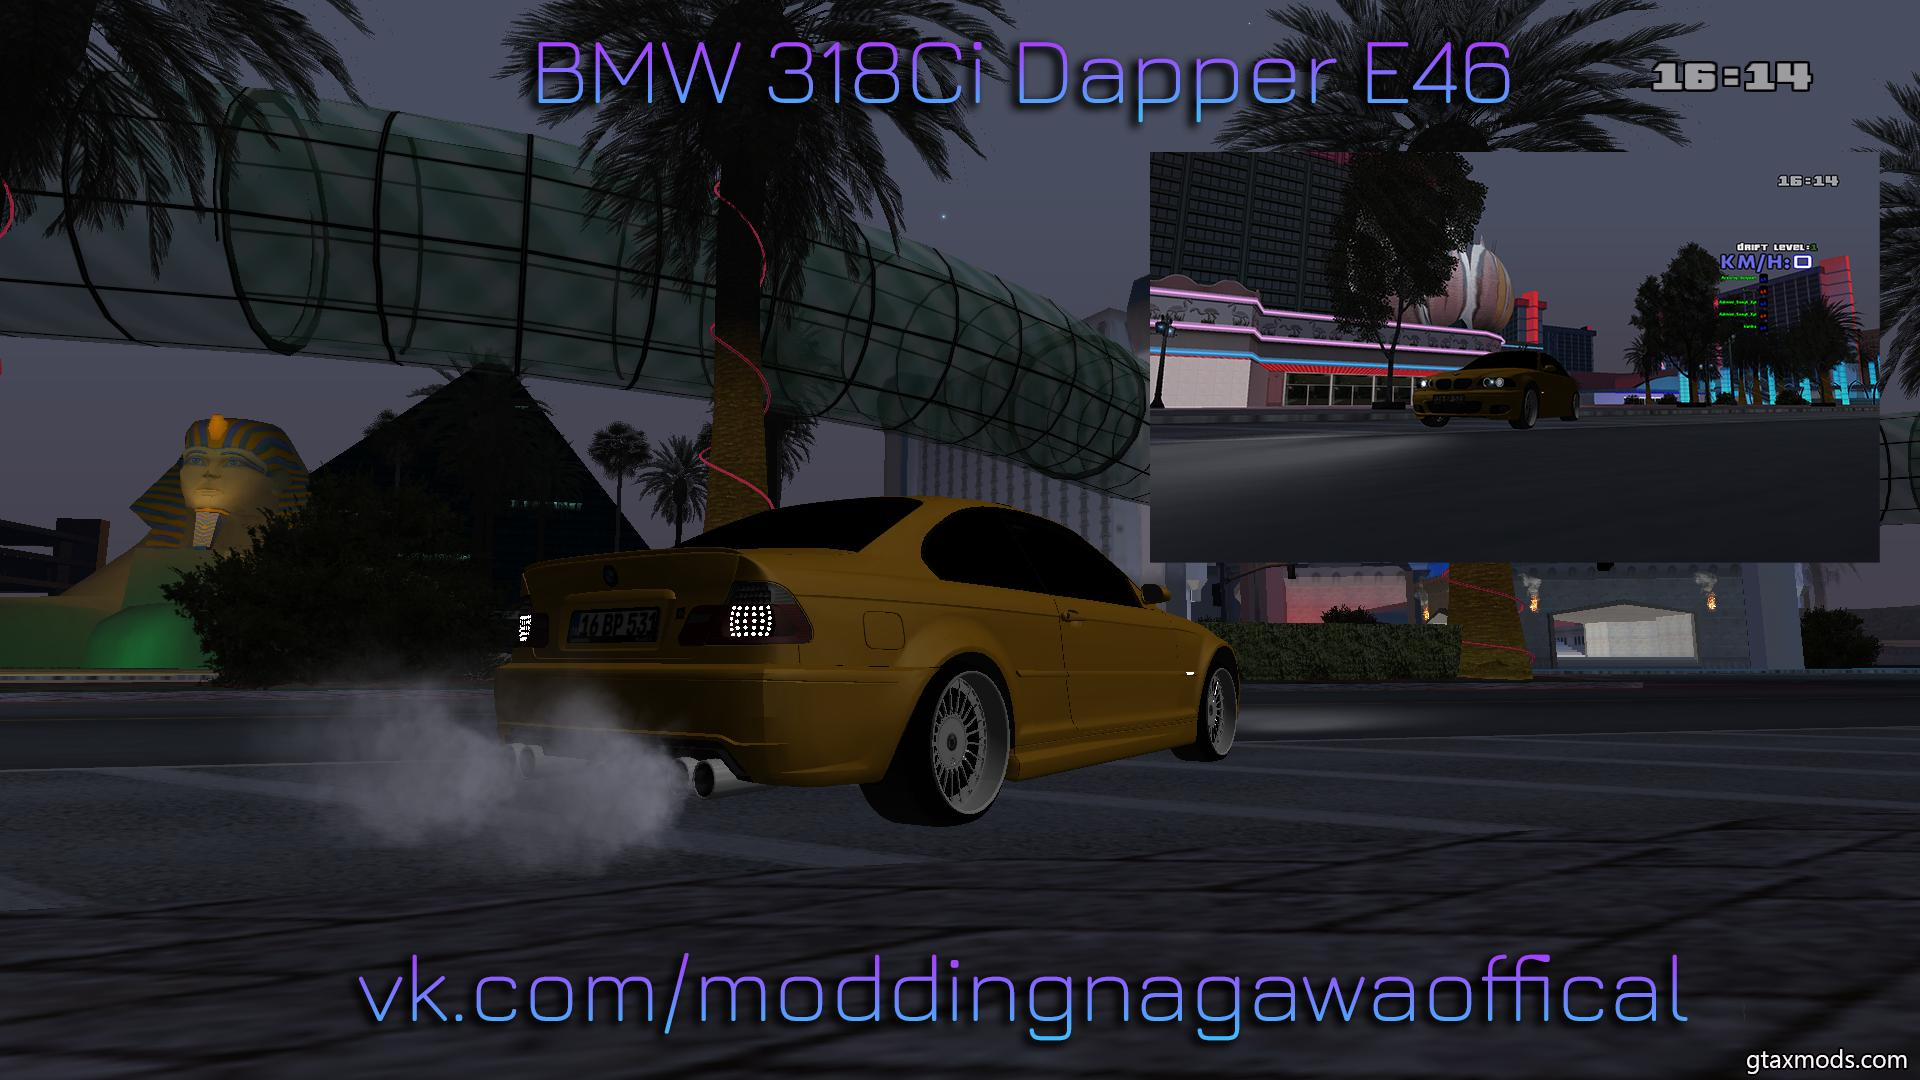 BMW 318Ci Dapper E46 [Cheetah]